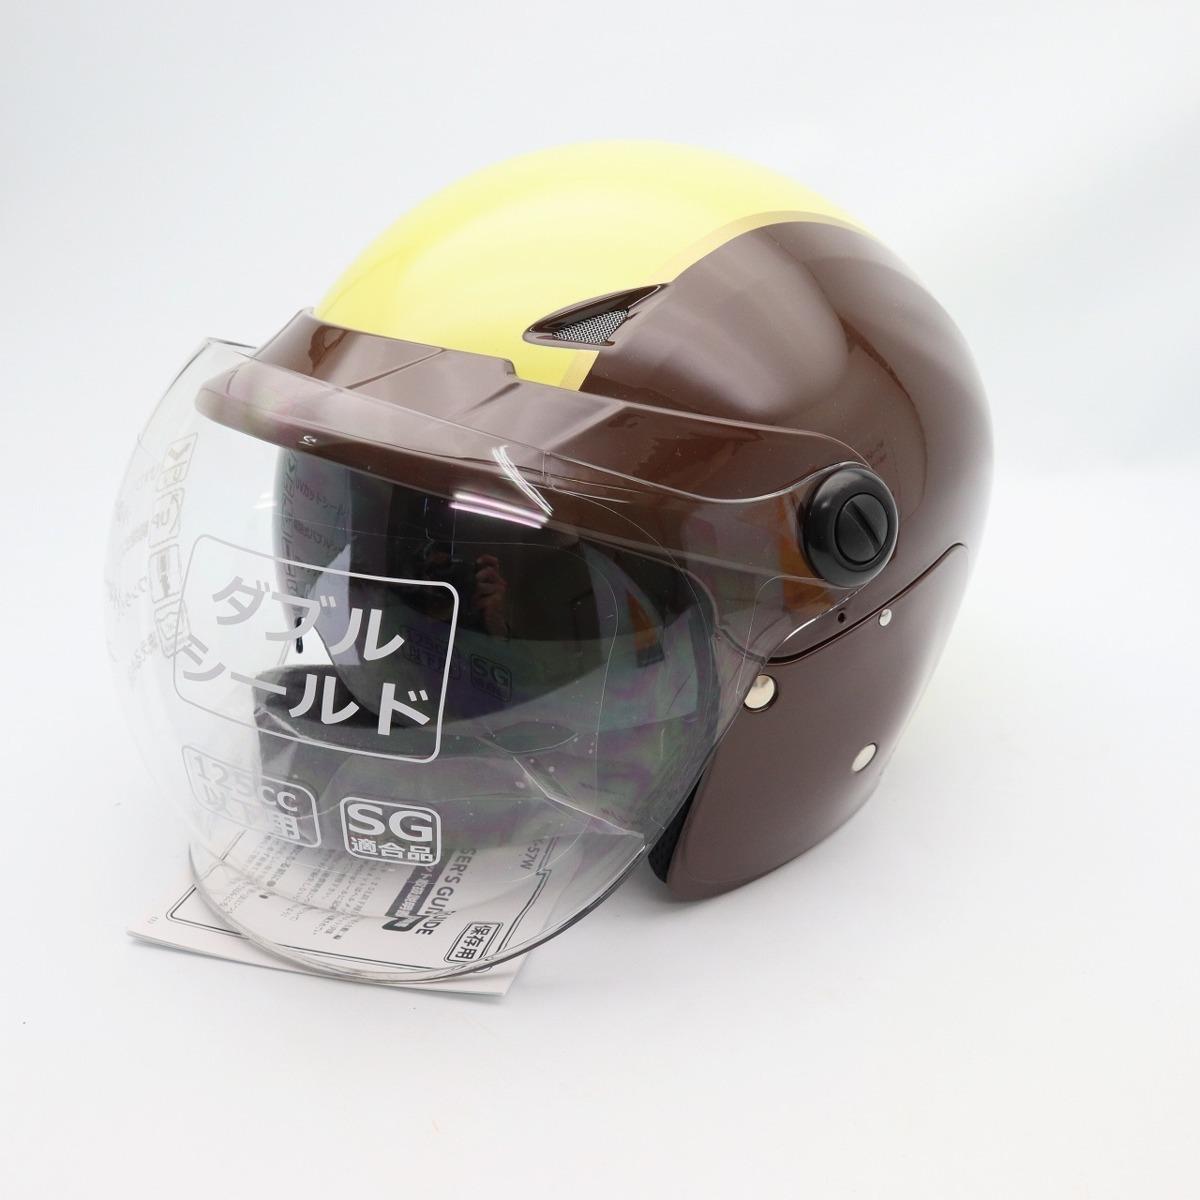 未使用品★石野商会 MAX-57W セミジェットヘルメット フリーサイズ ブラウン/アイボリーカラー 200402UD0007_画像3